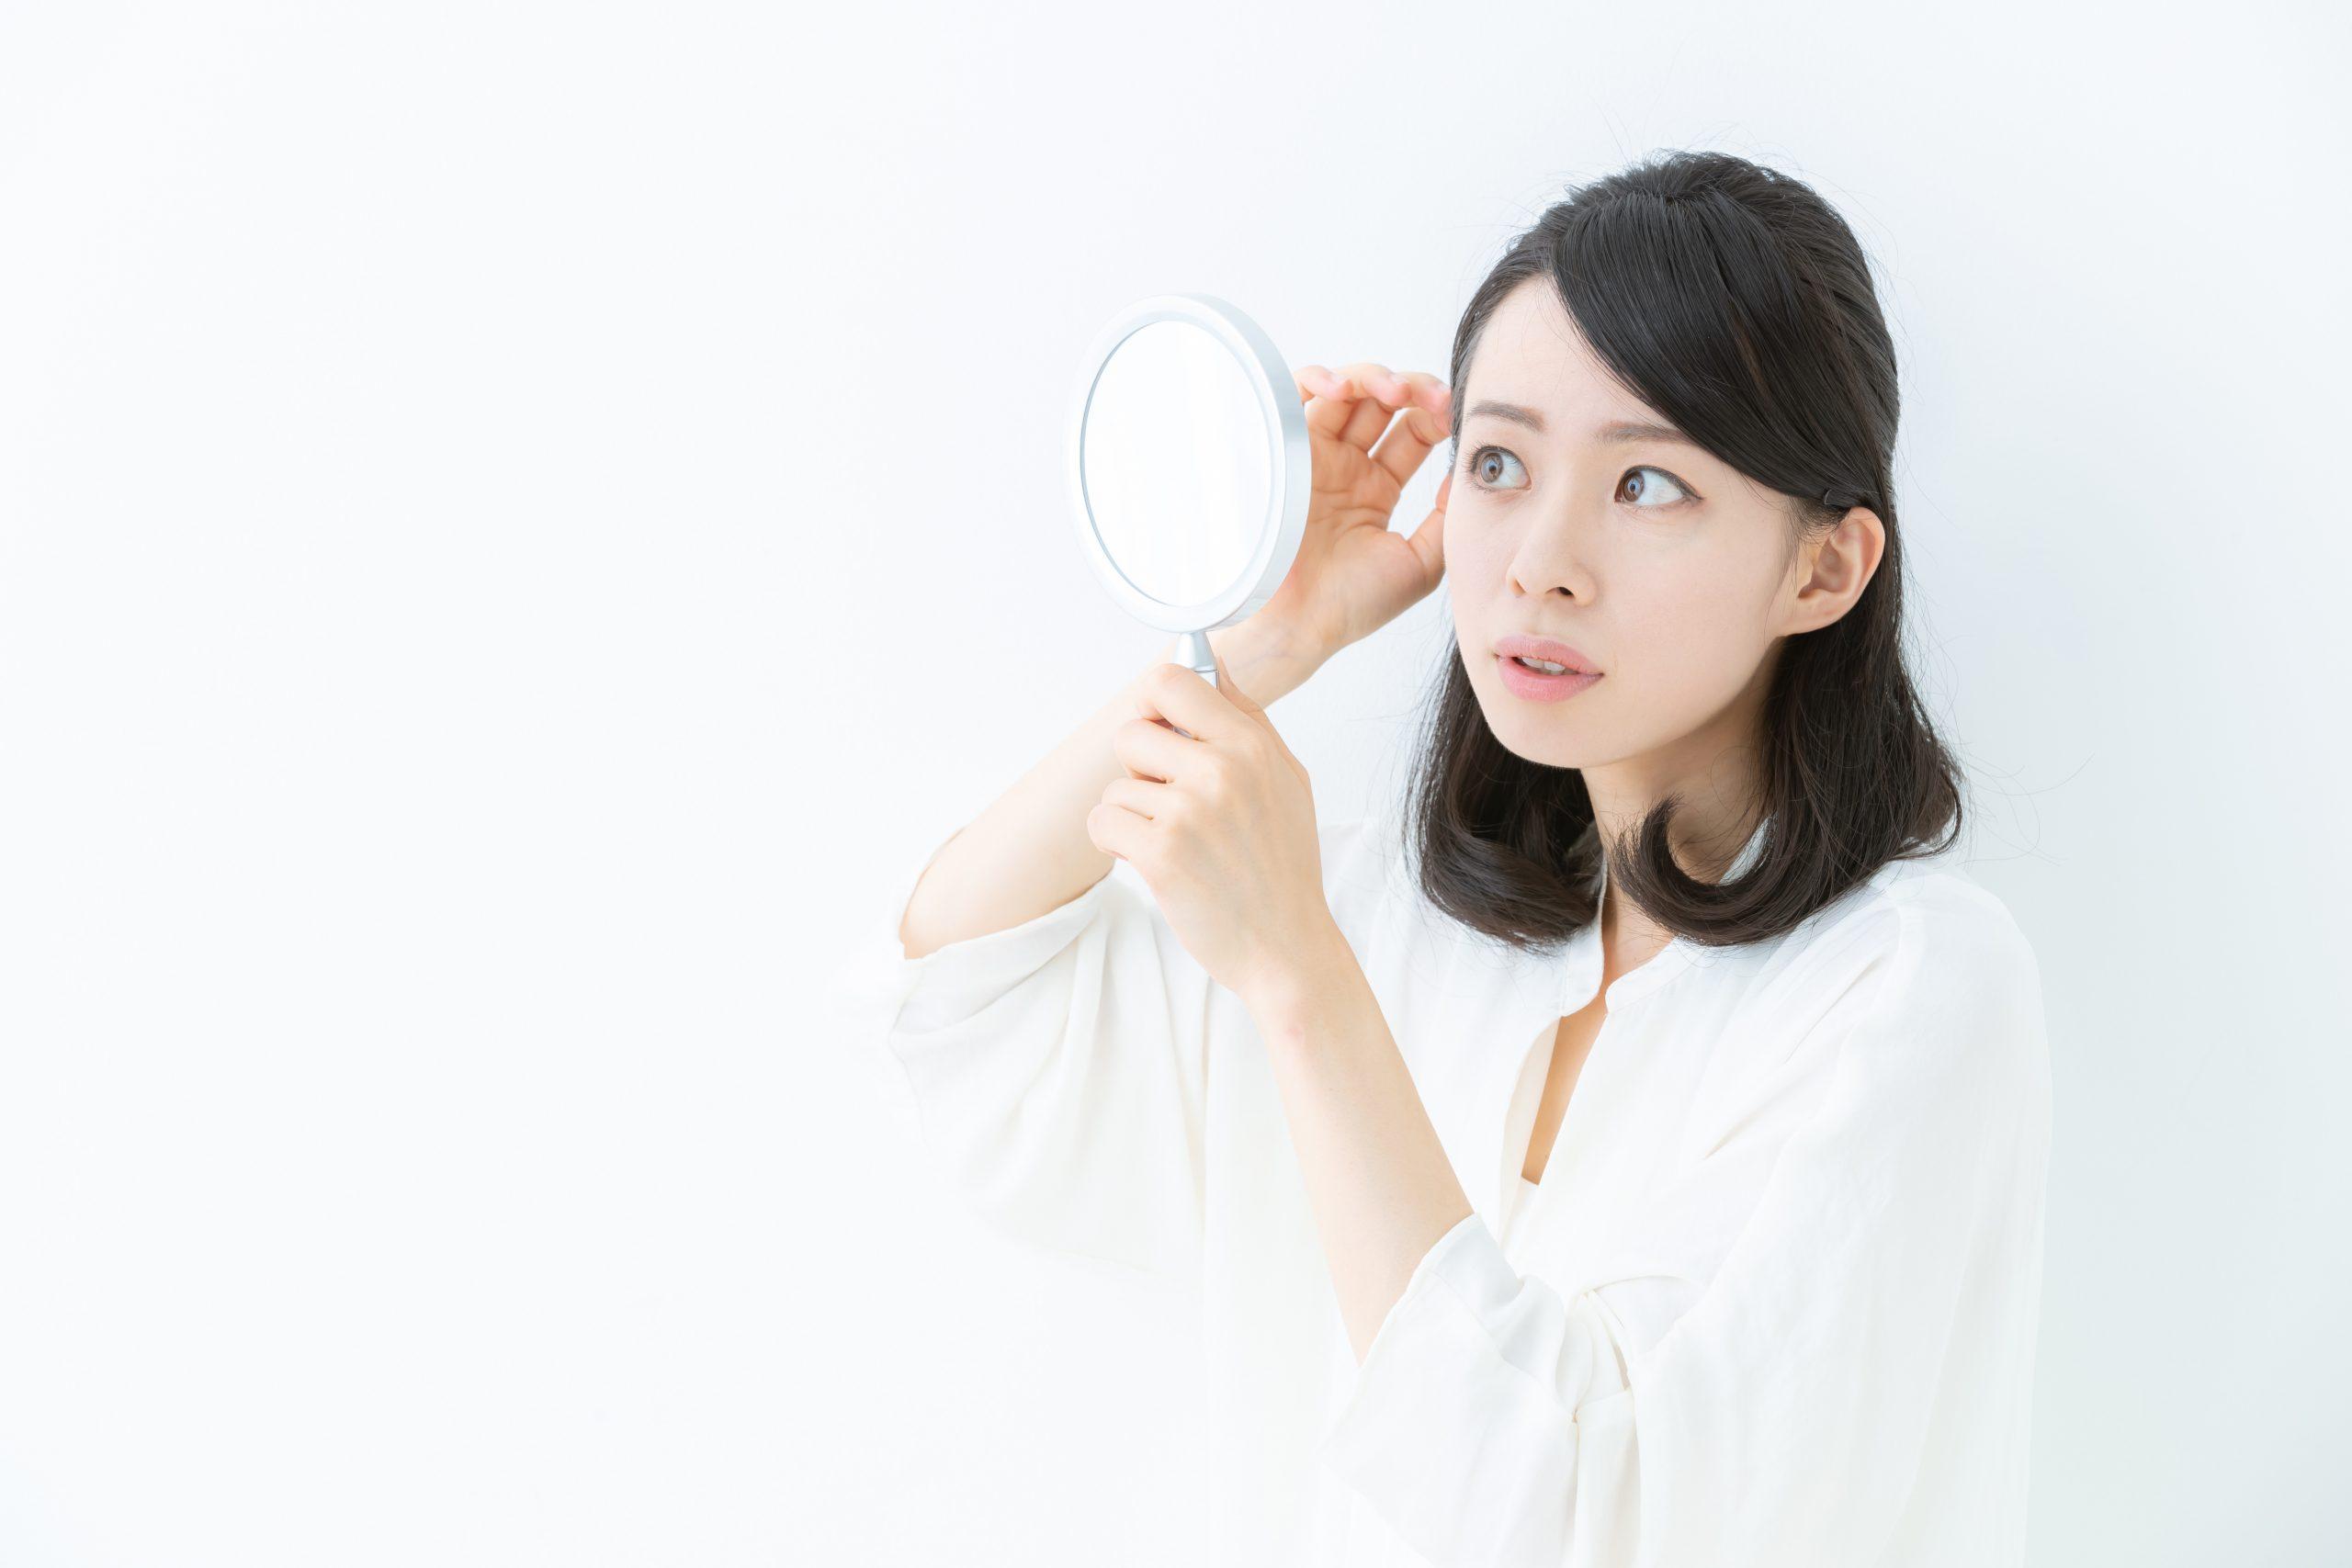 二木皮膚科 医学博士 二木昇平先生に聞く④「白髪や抜け毛を改善する可能性は非常に高い」